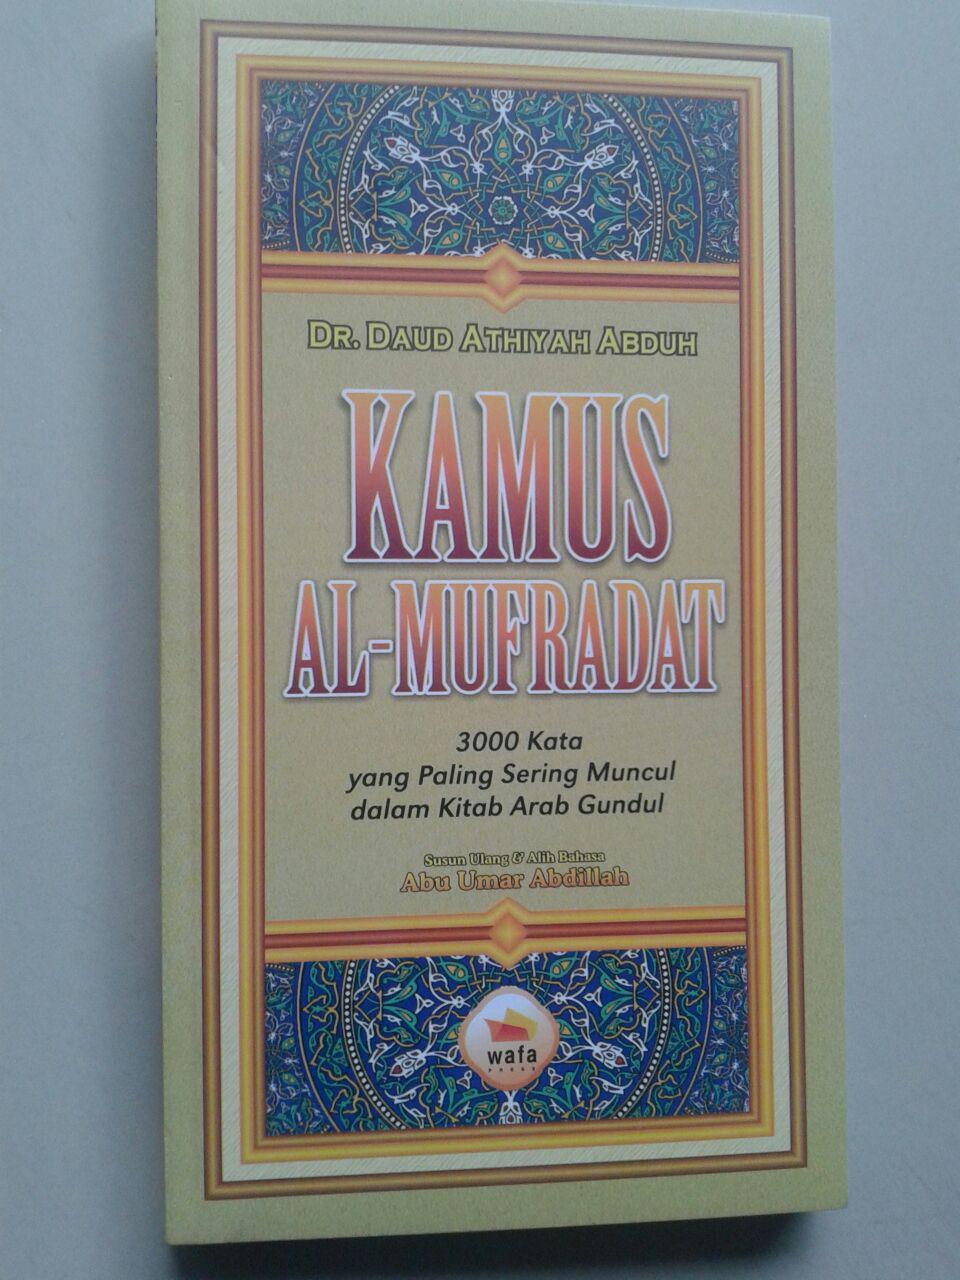 Kamus Al-Mufradat 3000 Kata Yang Sering Muncul Dalam Kitab Gundul cover 2